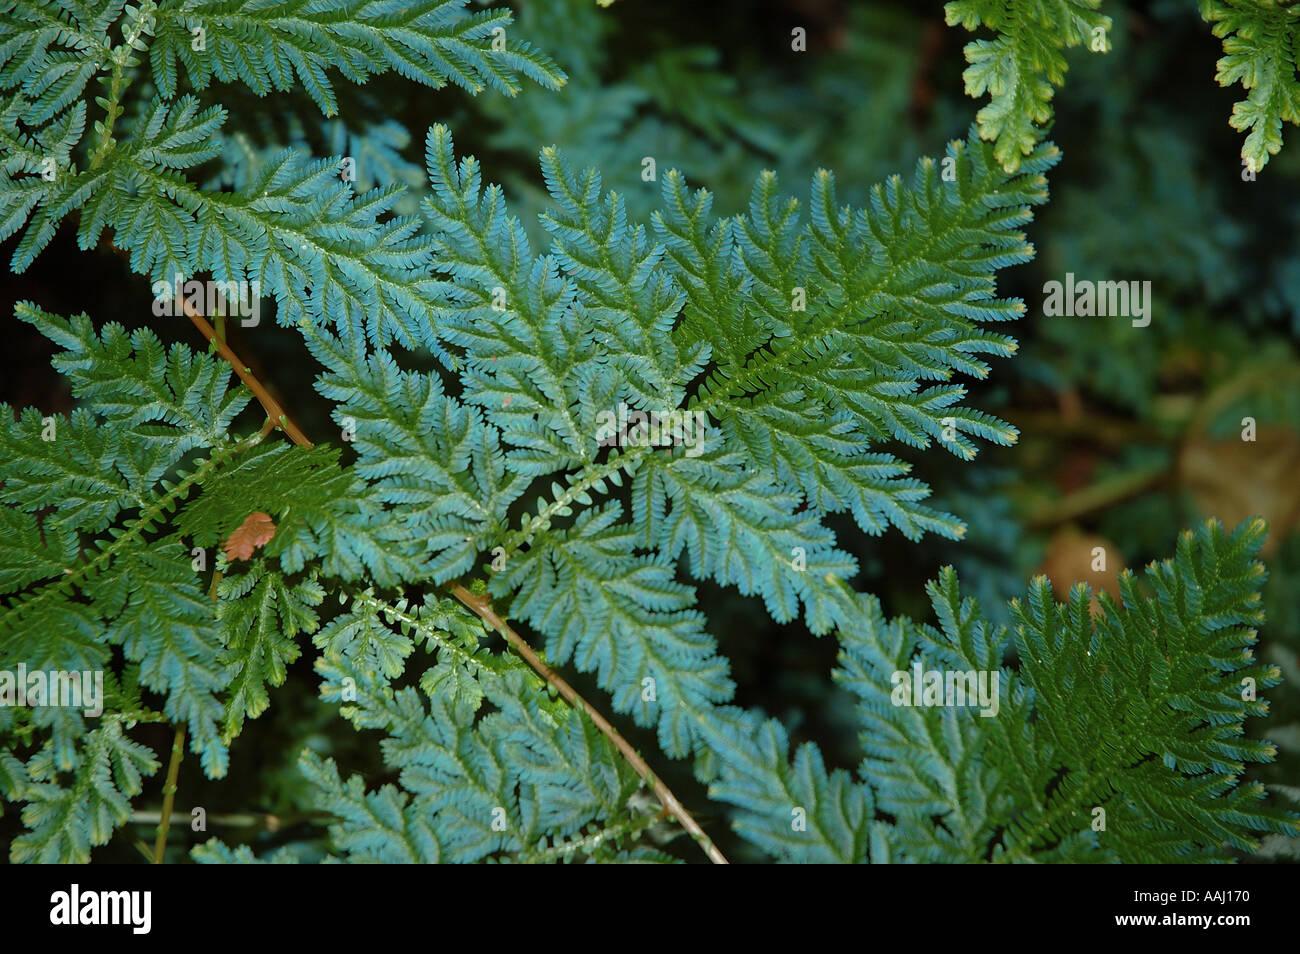 Rainforest selaginella stockfotos rainforest selaginella for Kleine fliegen in den pflanzen